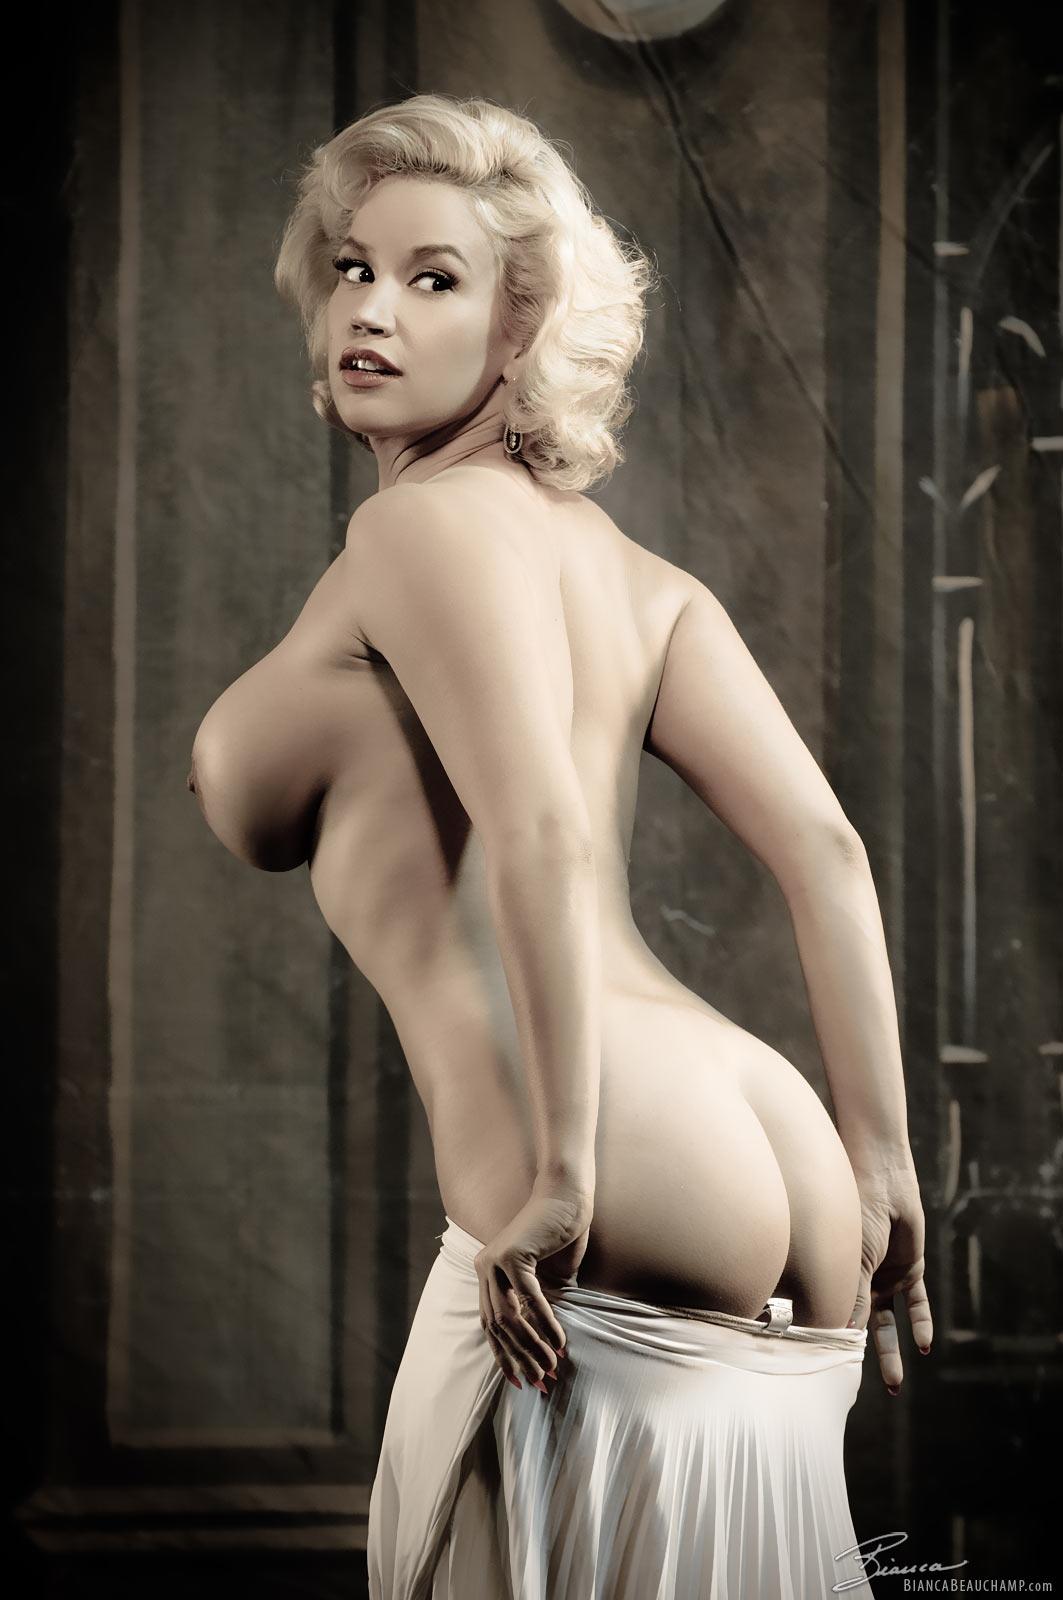 Смотреть порно с мэрилин монро 20 фотография